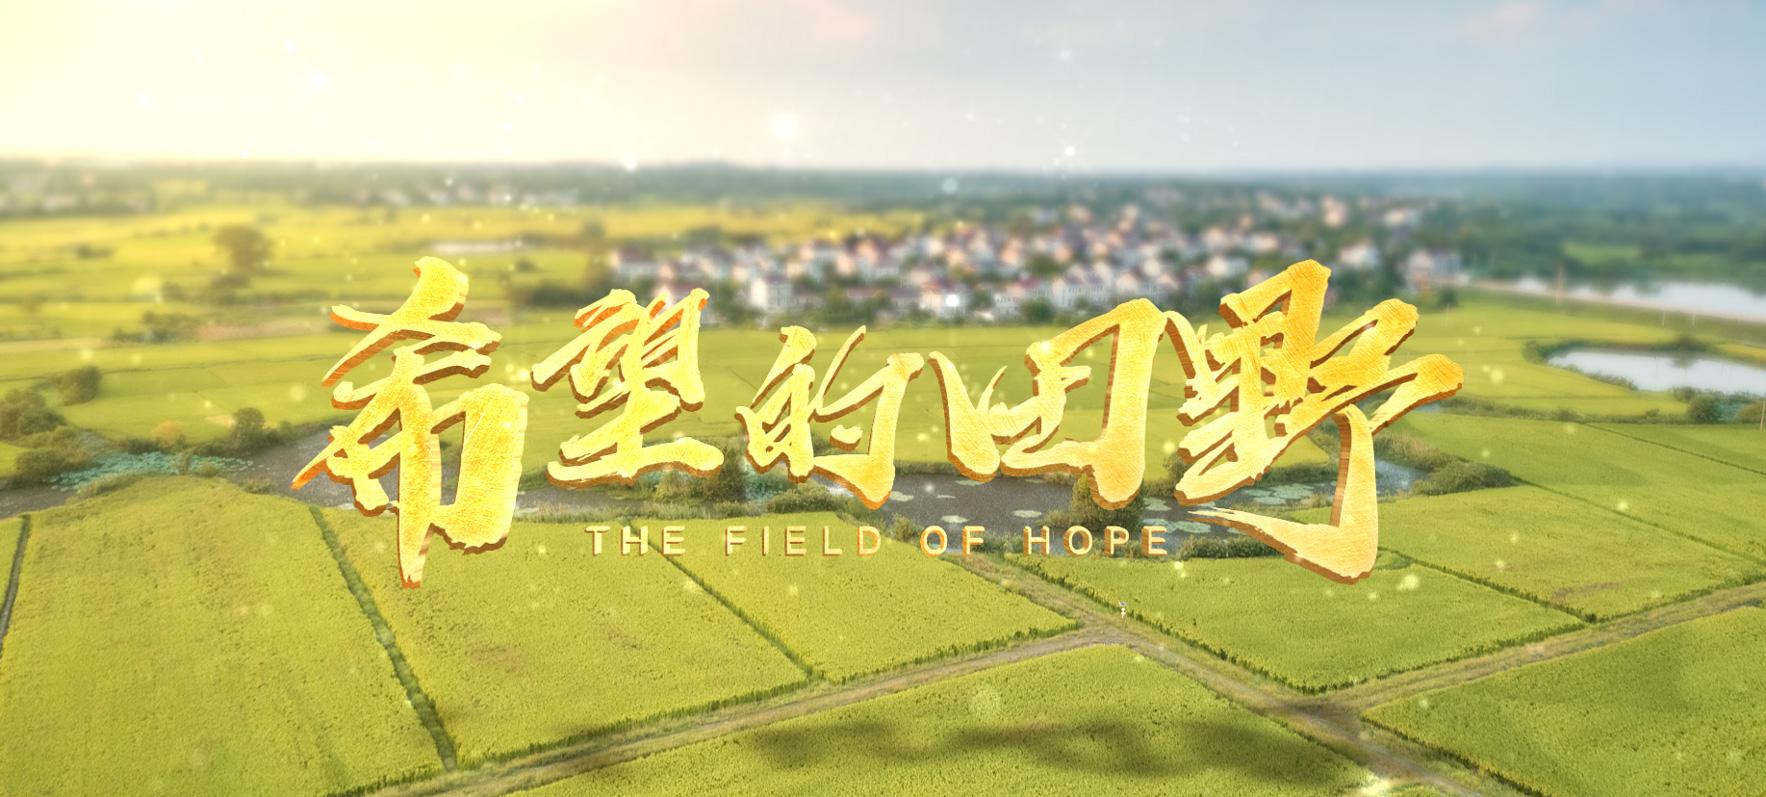 微視頻:希望的田野